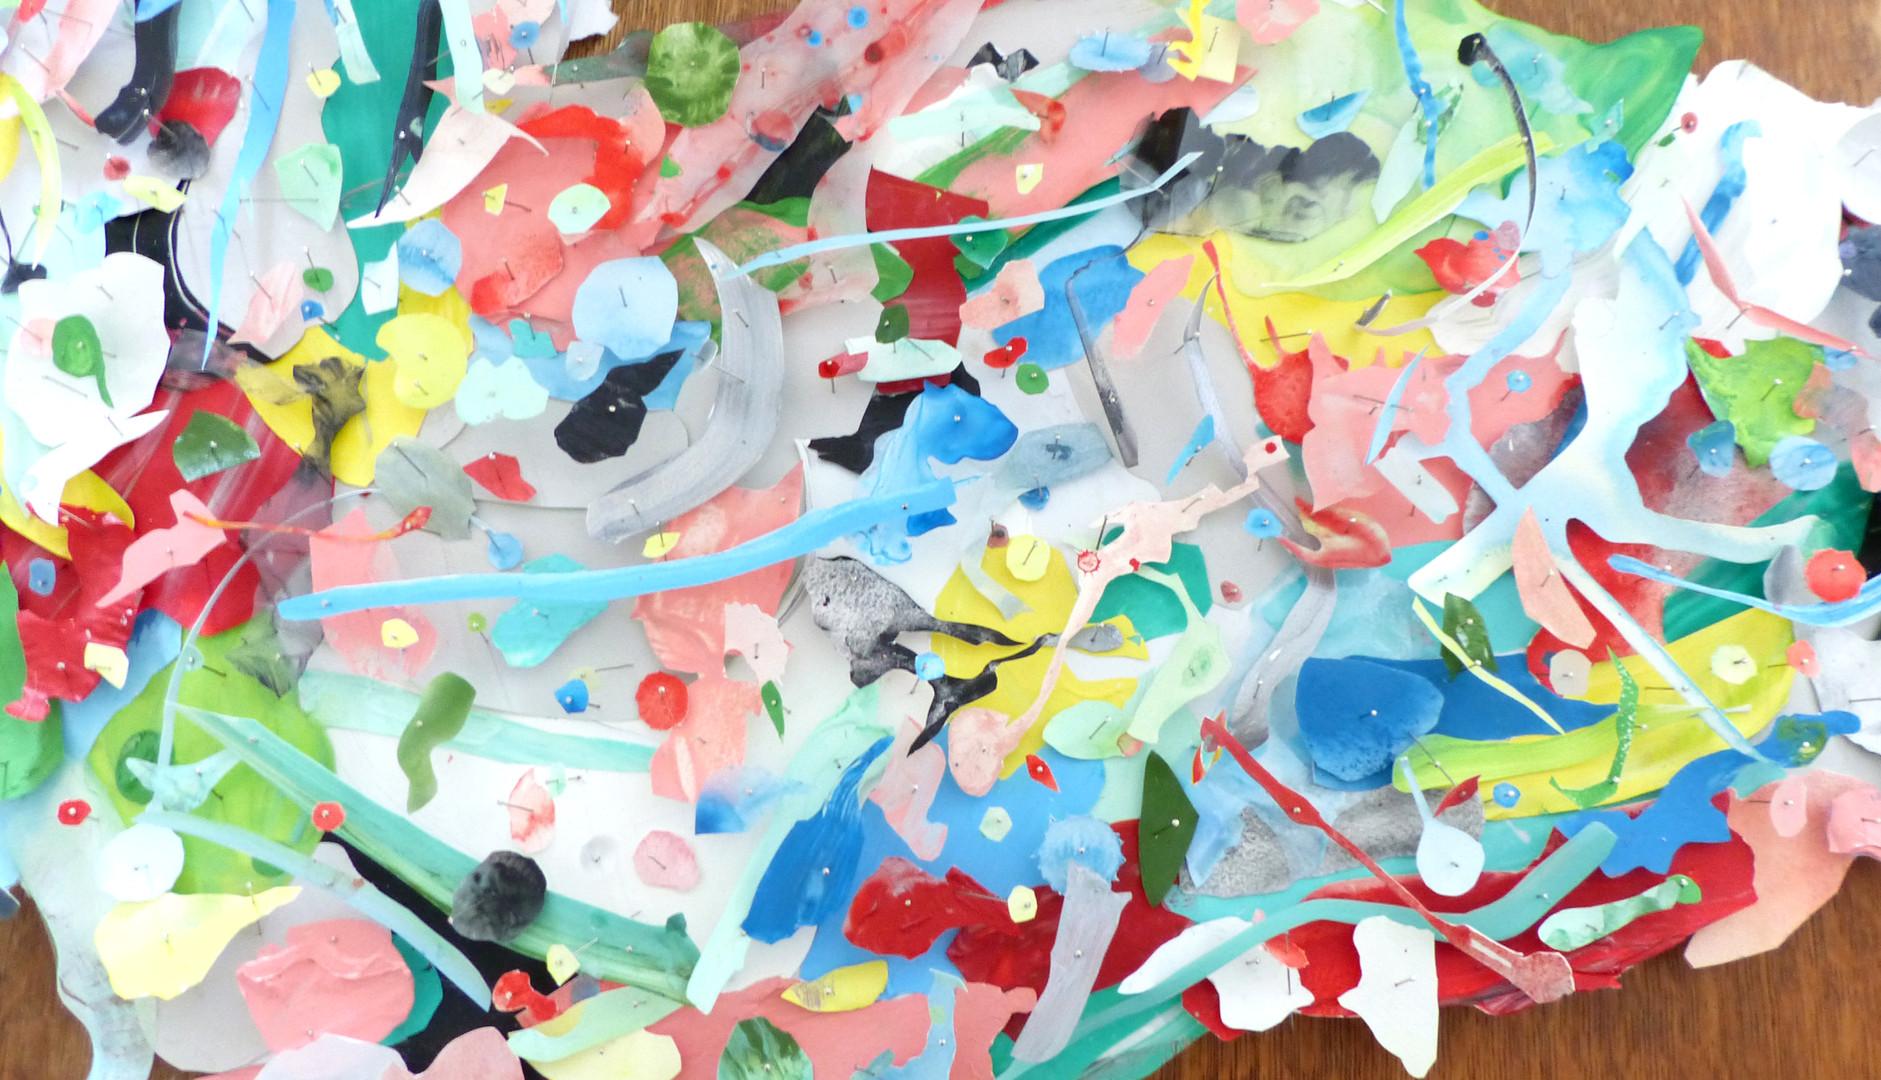 Paintedcolalge.jpg